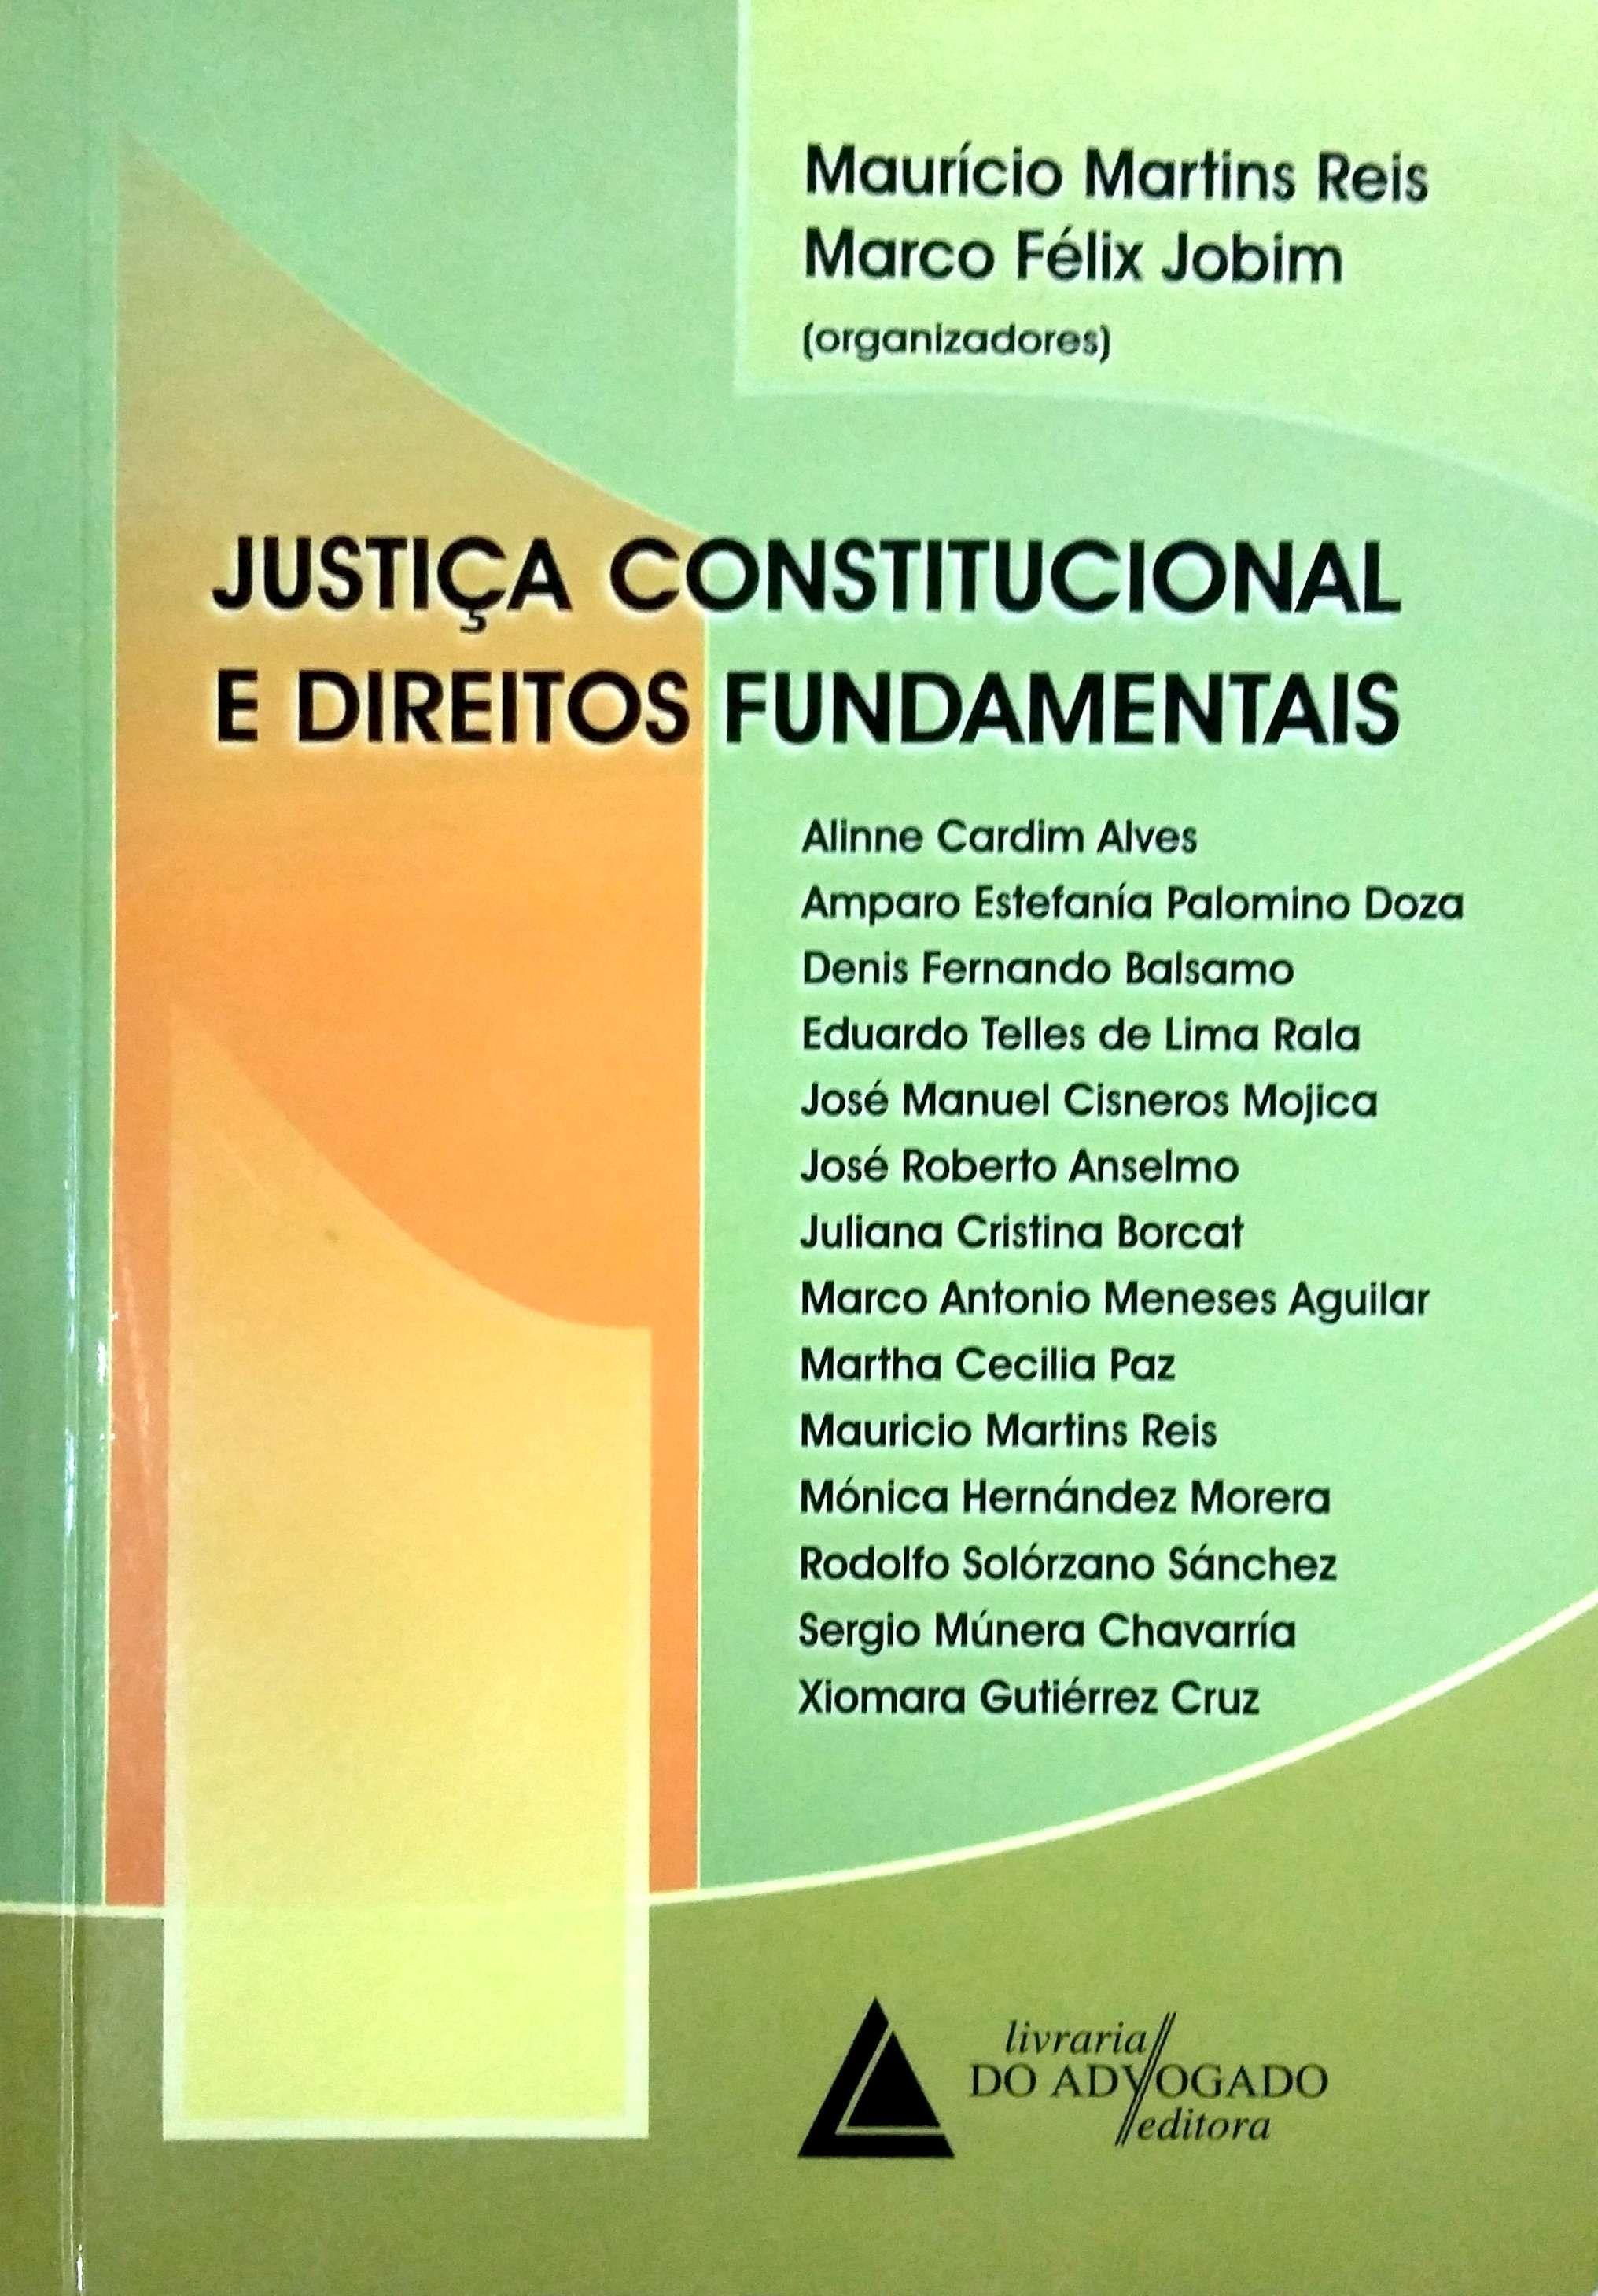 Justiça Constitucional e Direitos Fundamentais: Judicialização dos direitos fundamentais - Pág. 13